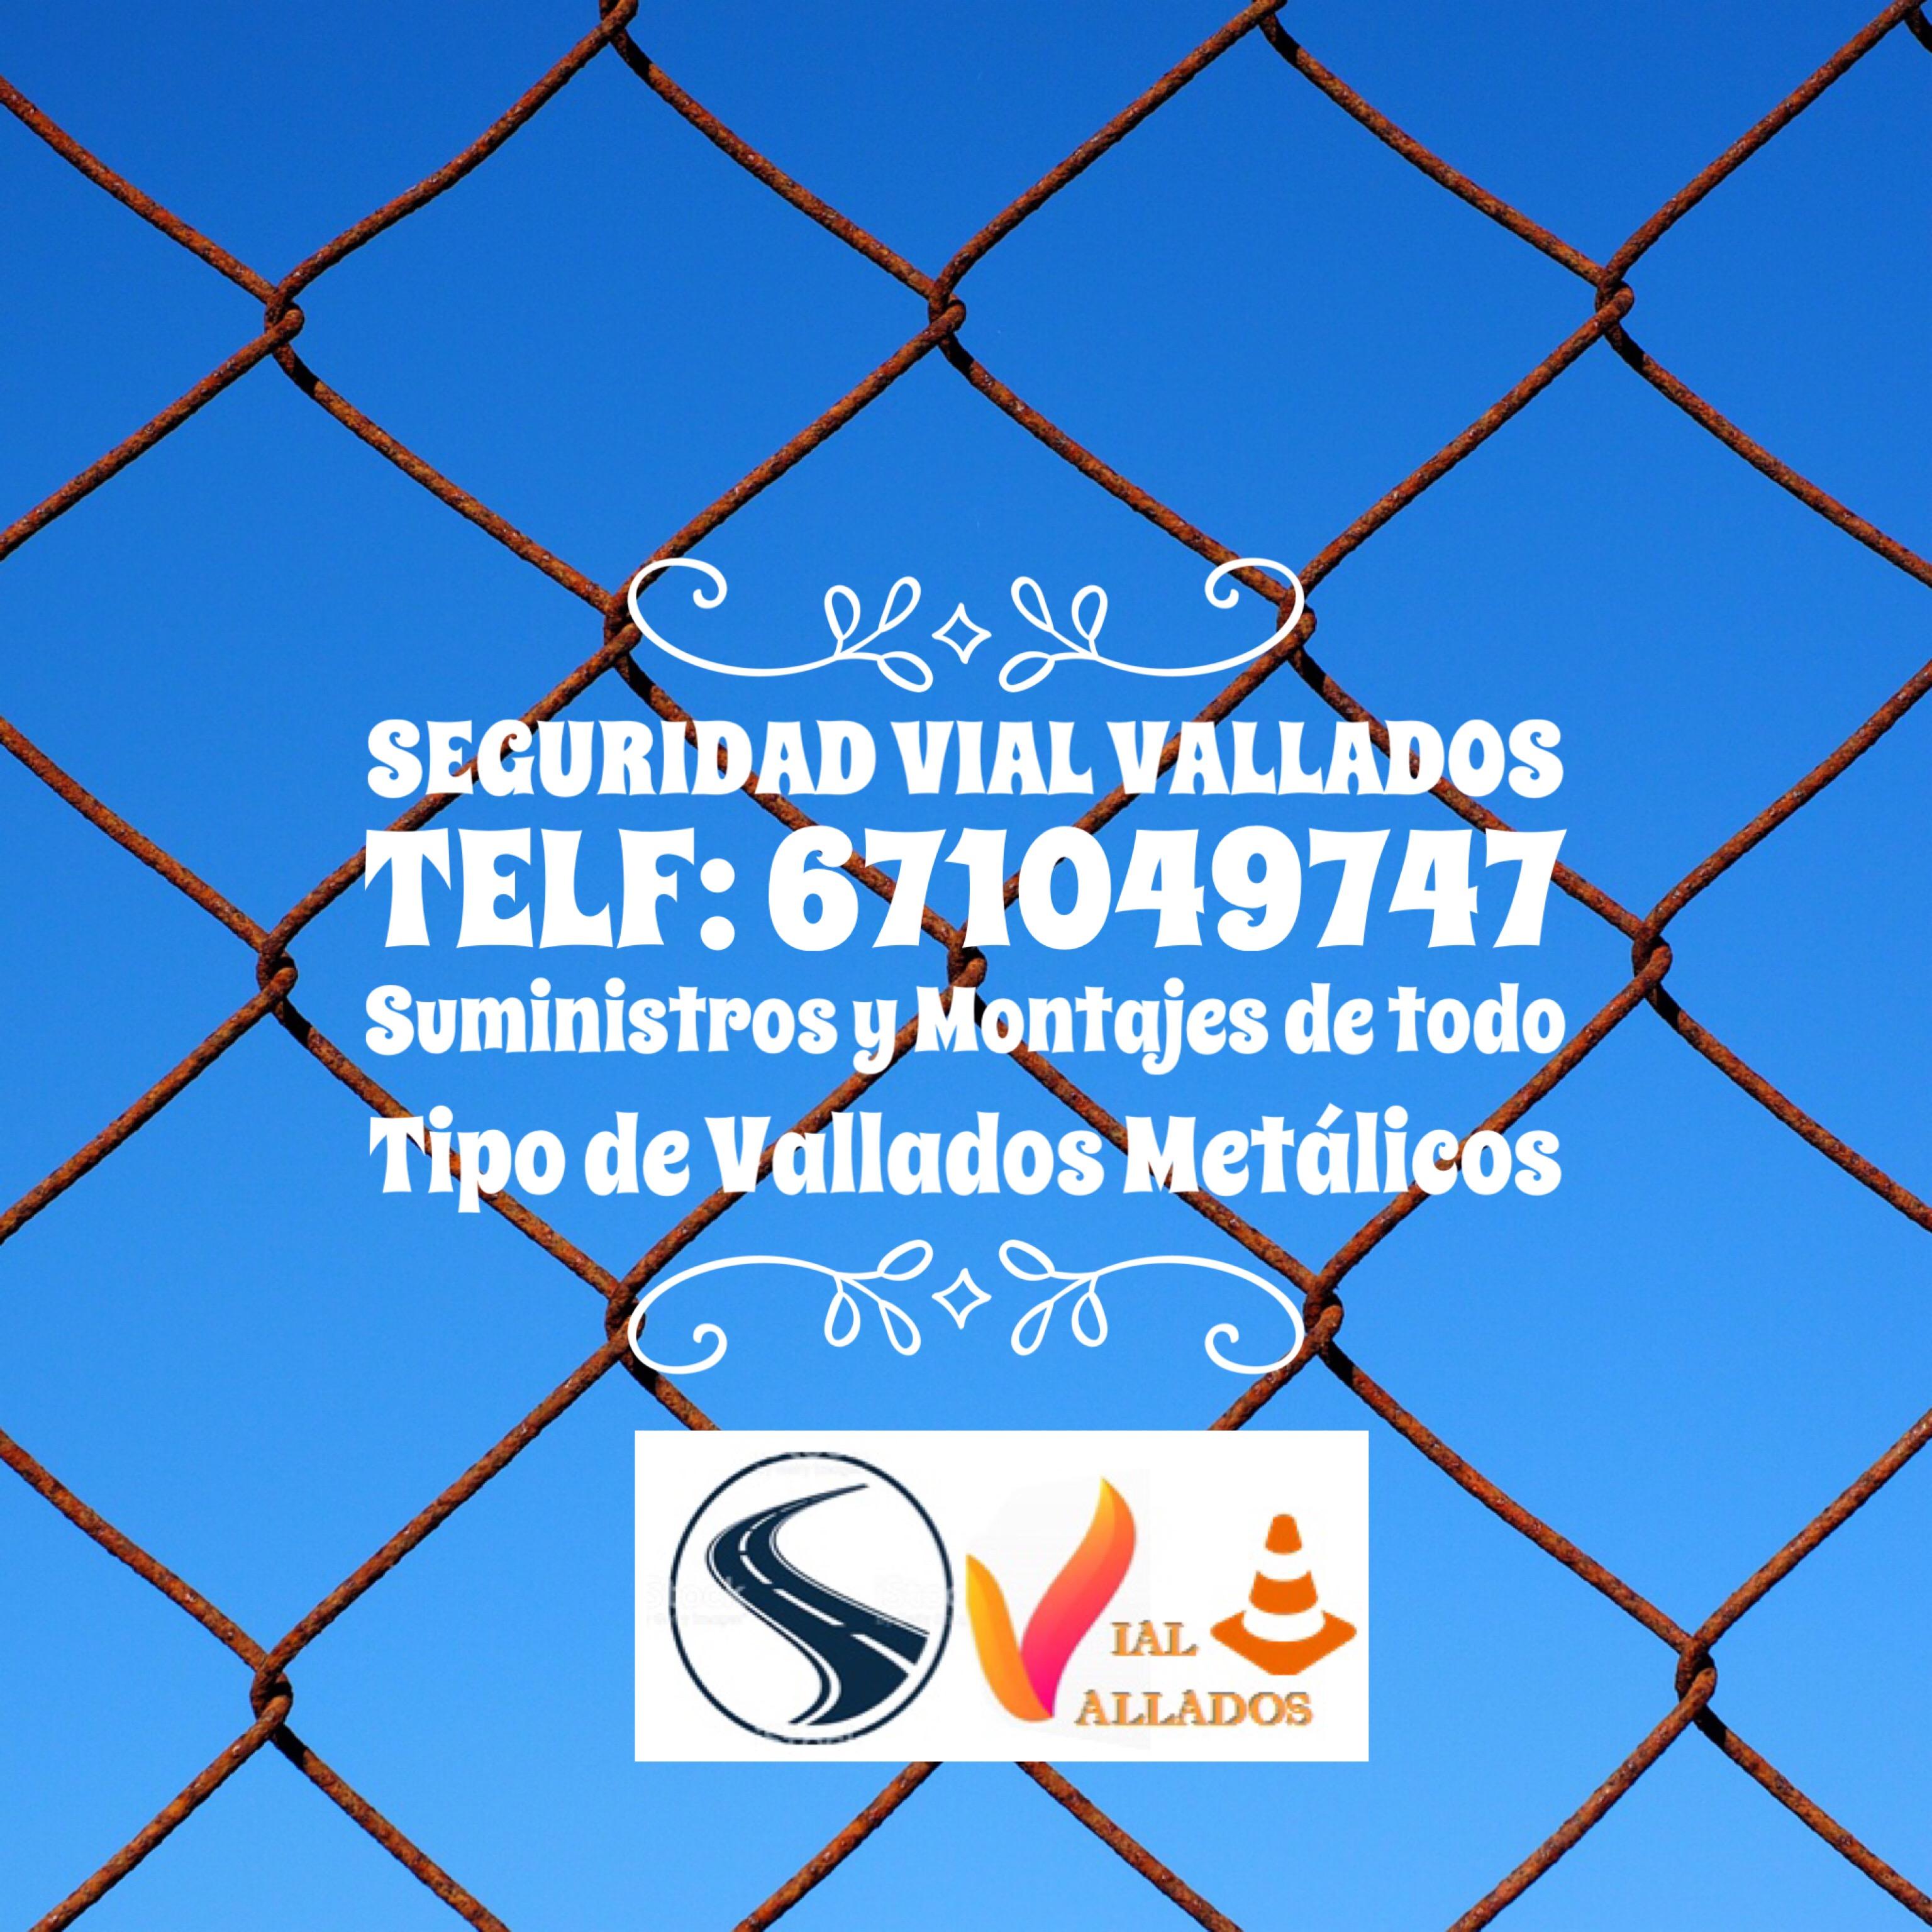 SEGURIDAD VIAL VALLADOS SL